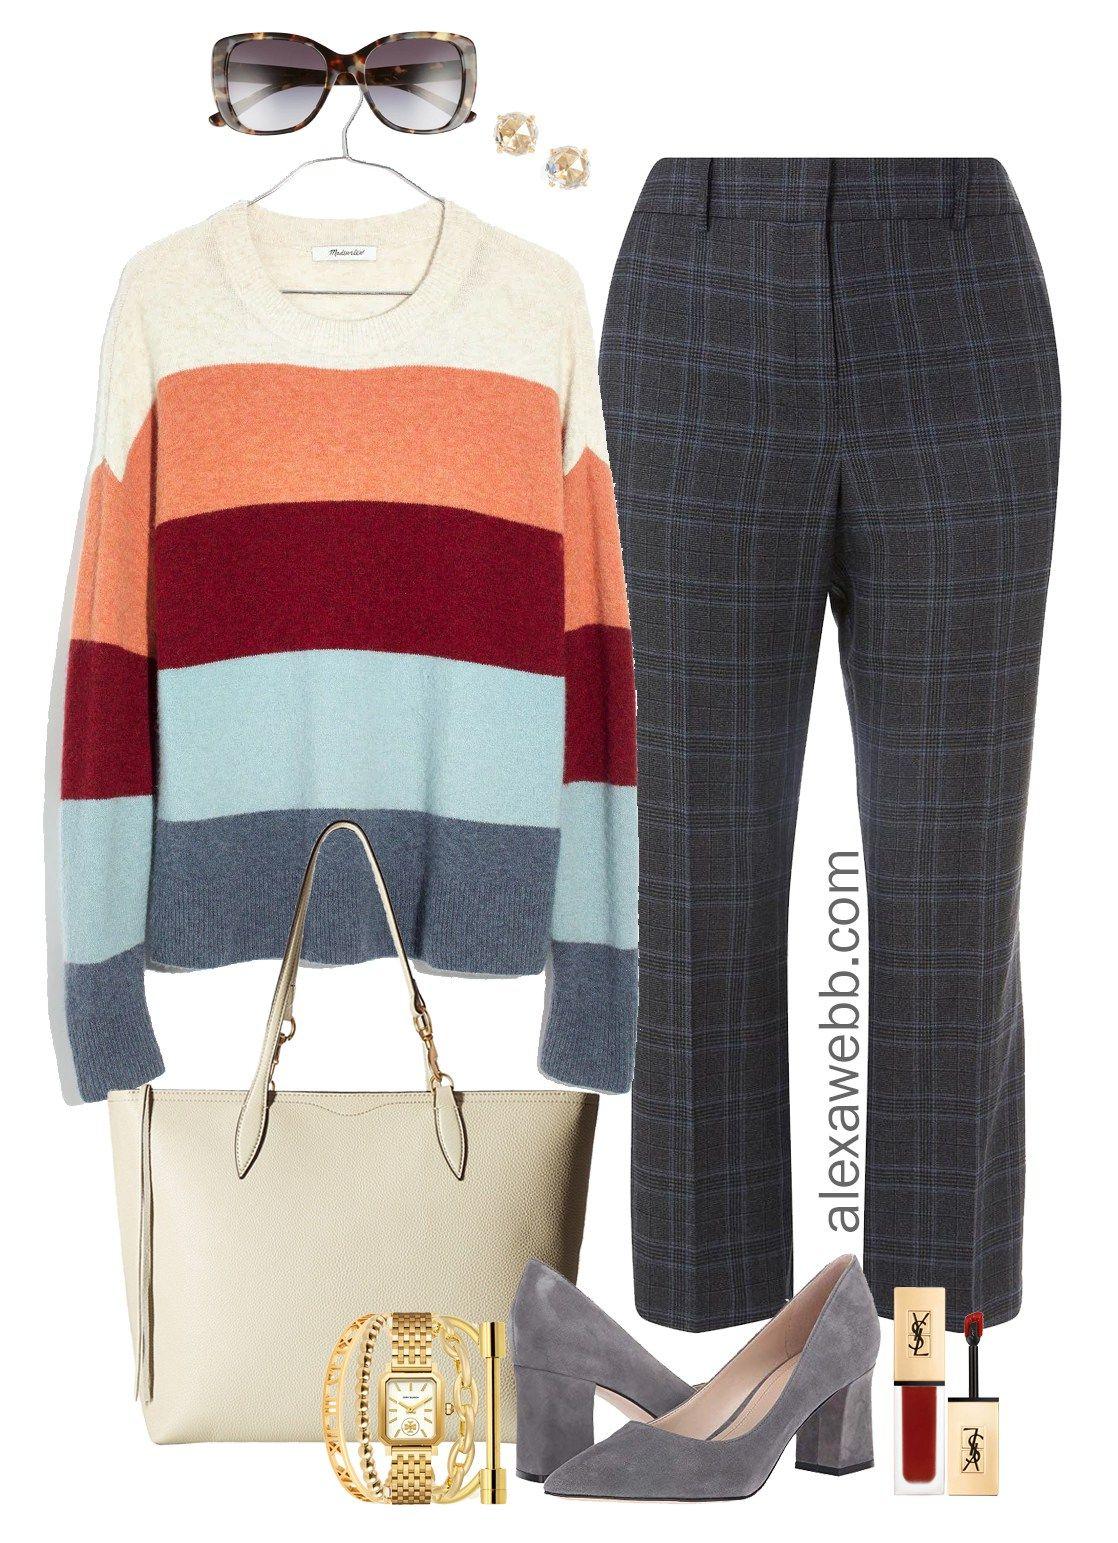 fc4b5fd64b2 Plus Size Winter Work Outfit - Plus Size Plaid Pants Outfit Idea - Plus  Size Fashion for Women - alexawebb.com  plussize  alexawebb